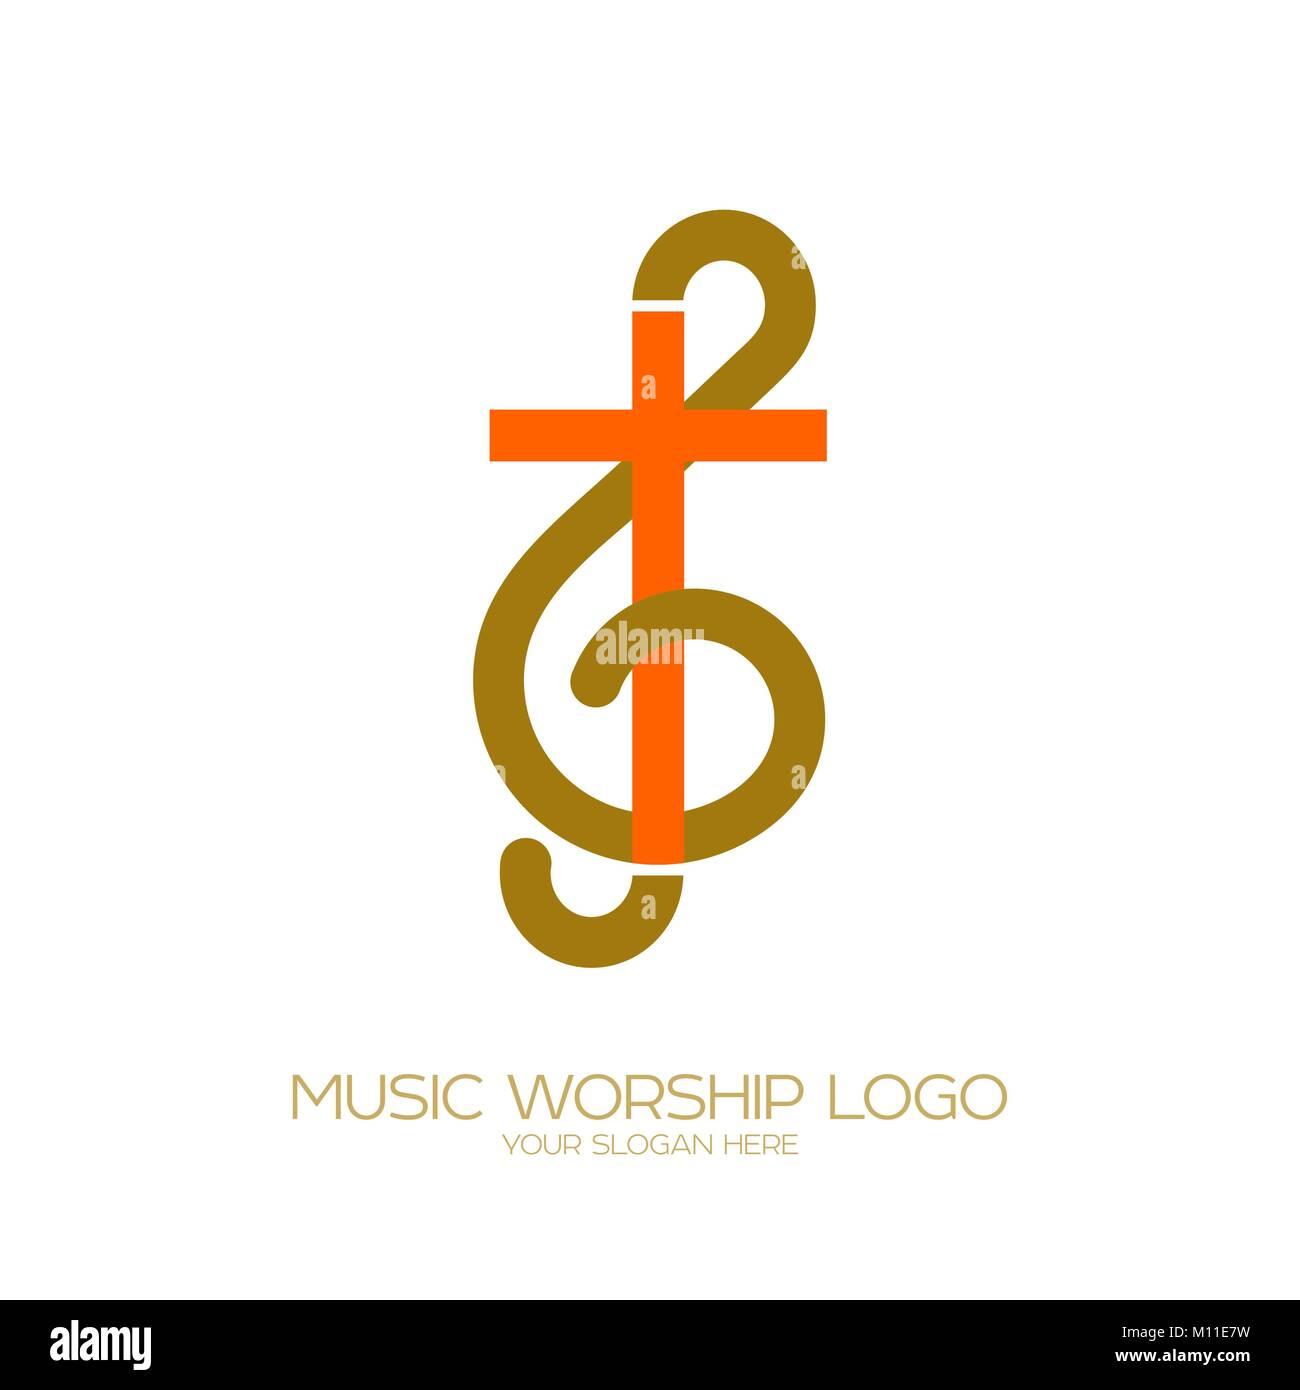 Il Logo Di Musica Simboli Cristiani La Combinazione Della Chiave